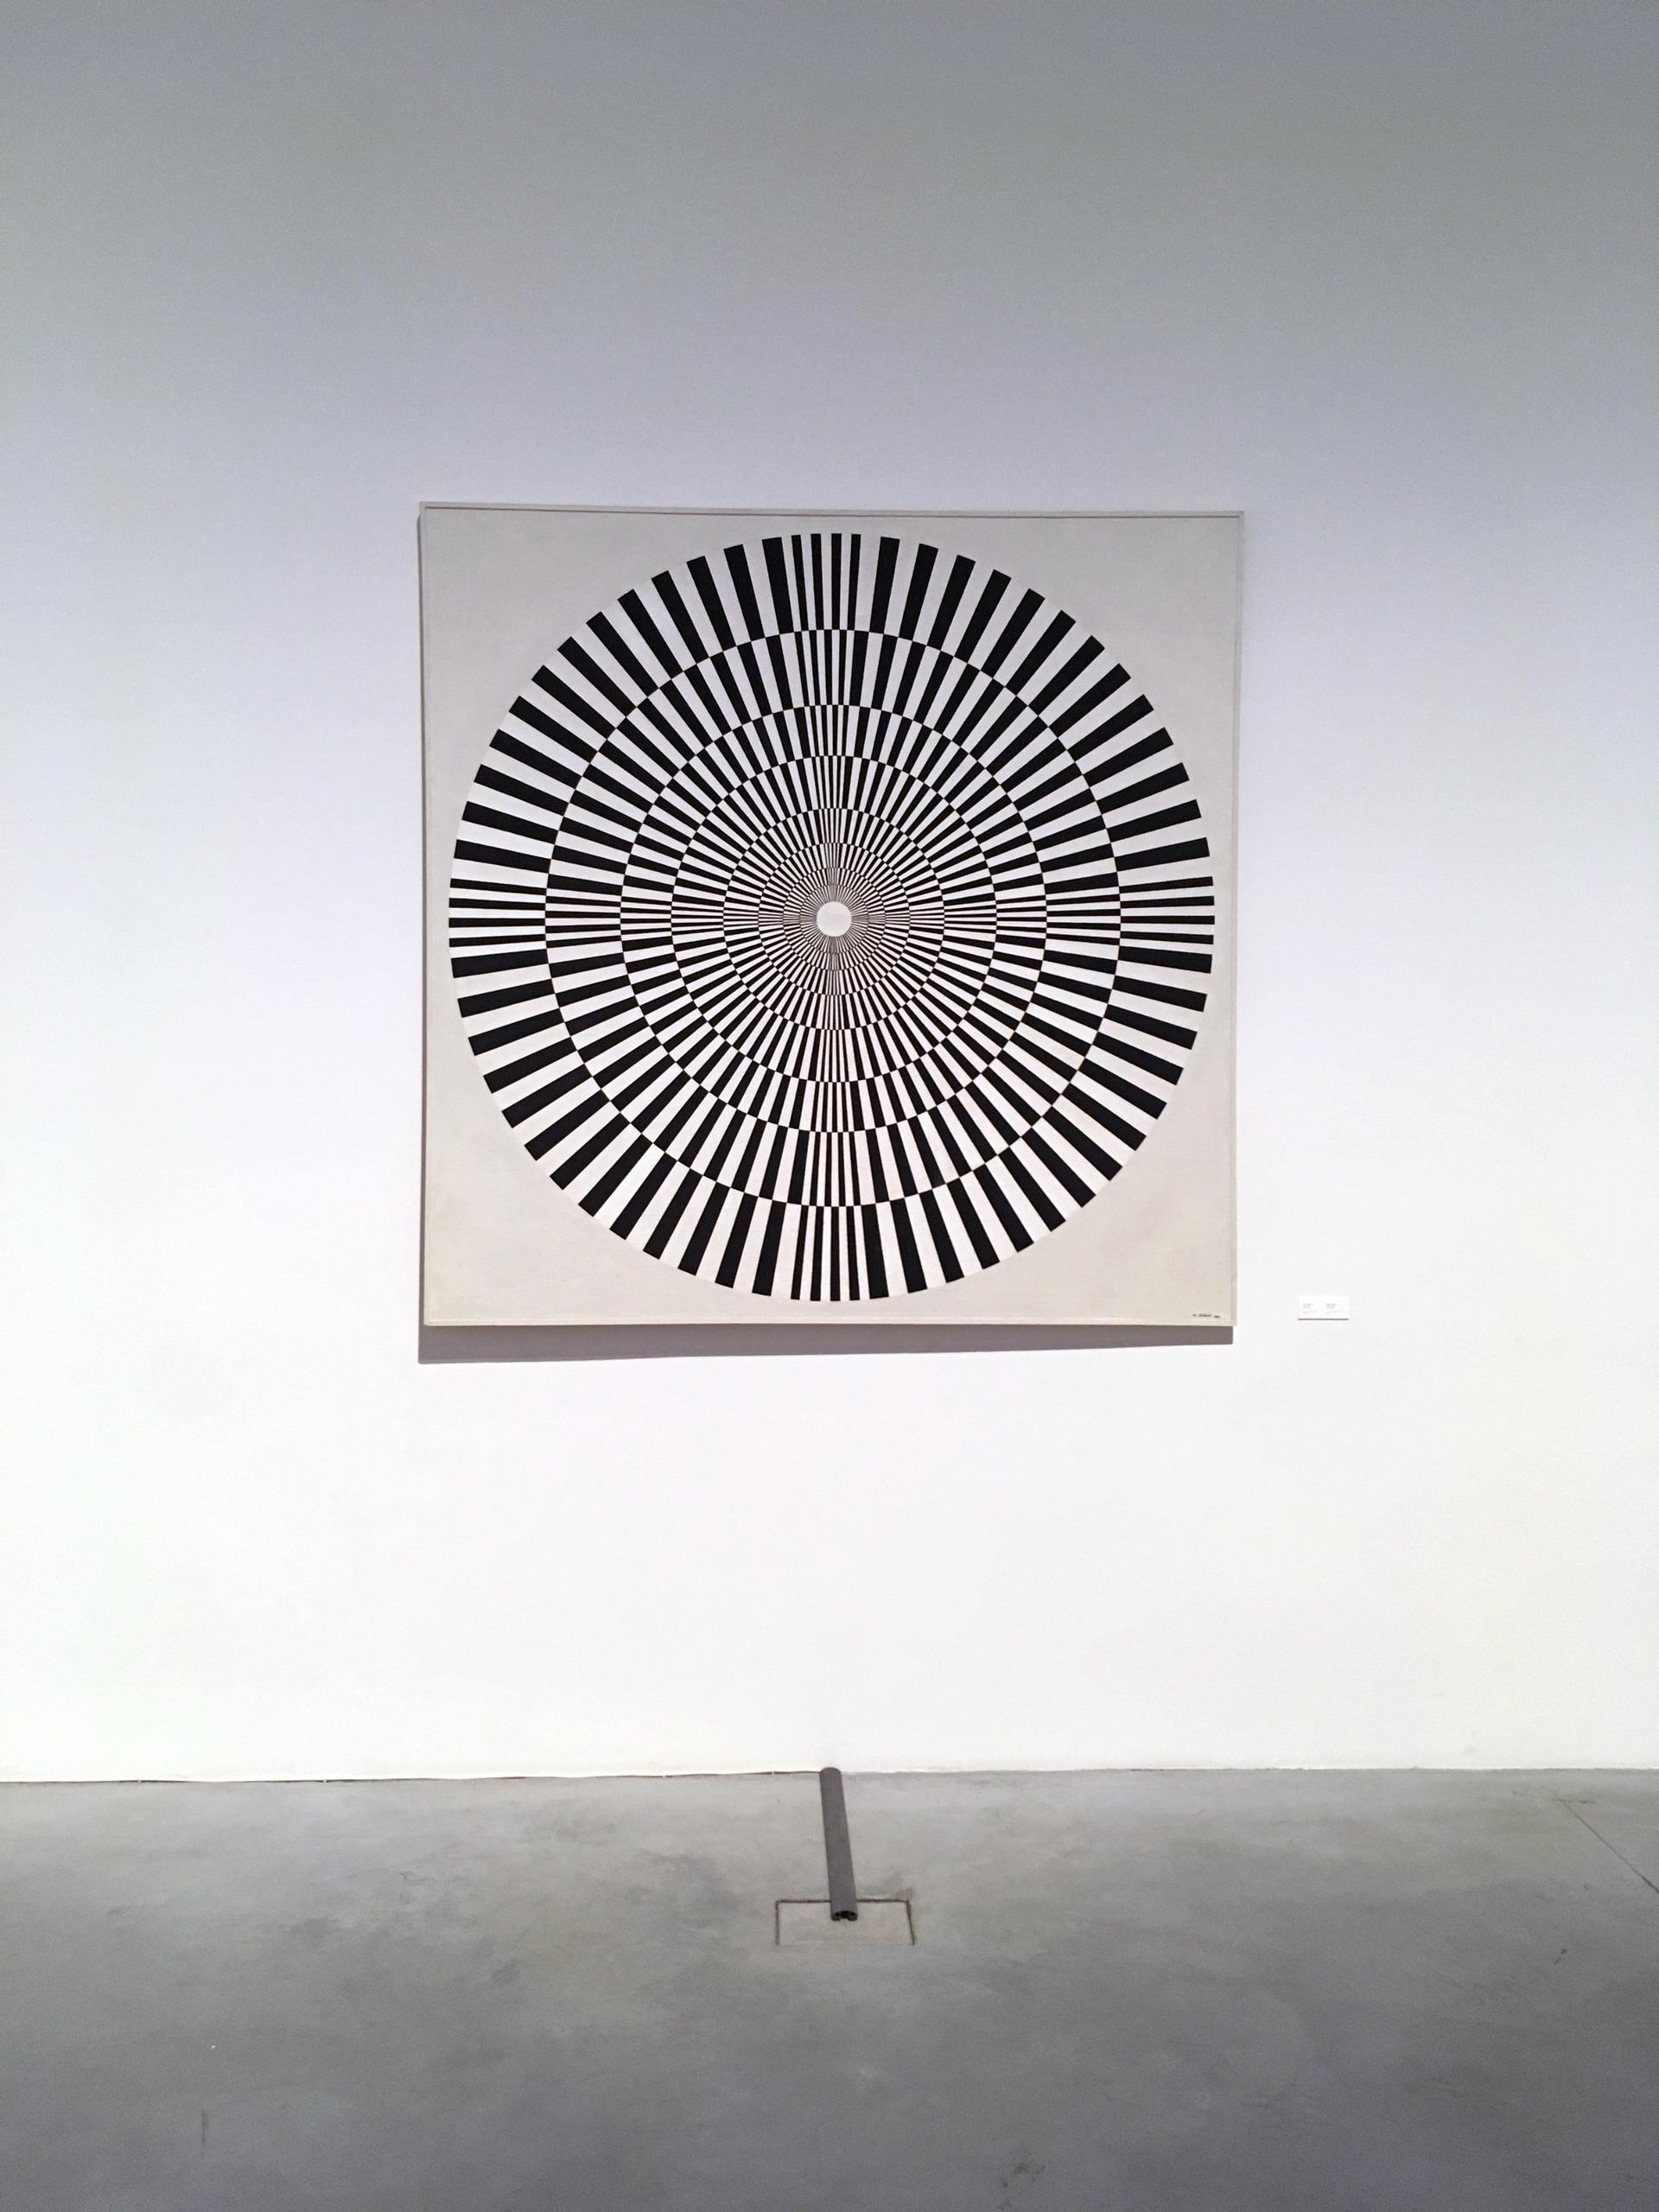 Zdjęcie przedstawia obraz wiszący na białej ścianie. Na obrazie widzimy czarno-białe koło.